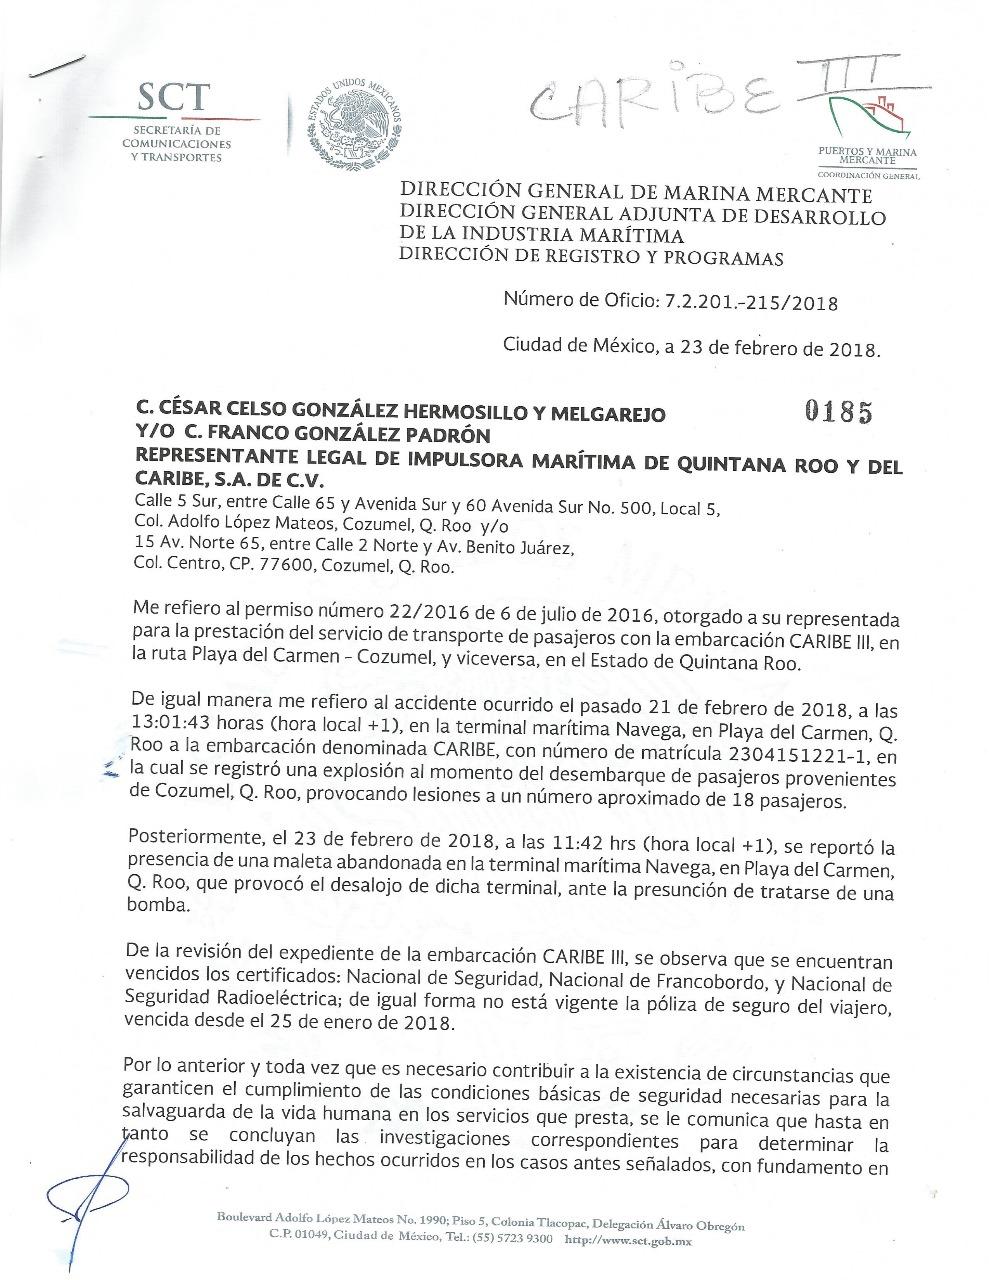 Regiones Archivos - Página 17 de 148 - Quintana Roo Hoy